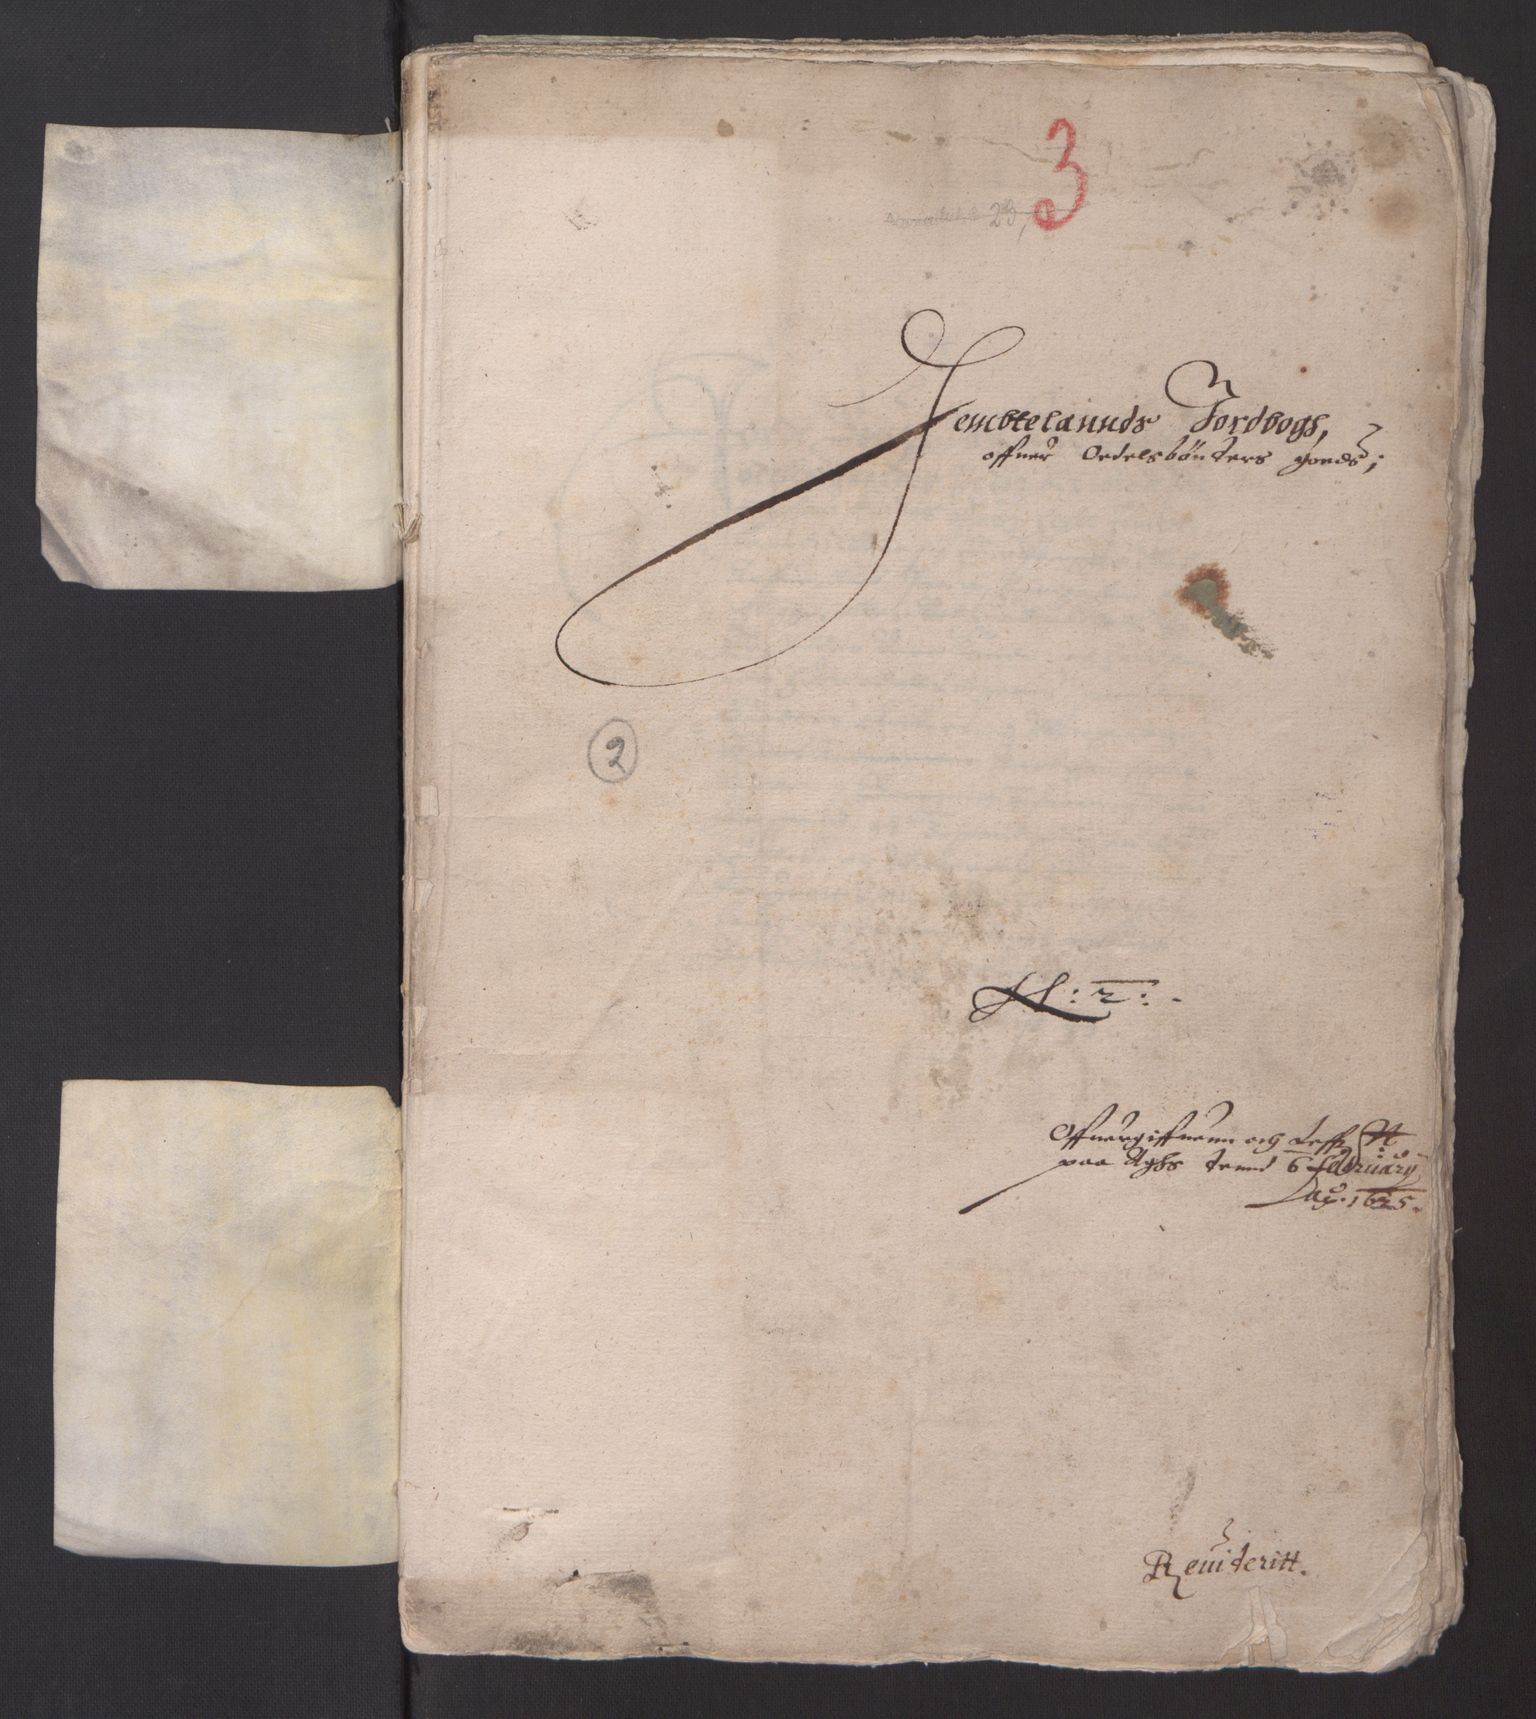 RA, Stattholderembetet 1572-1771, Ek/L0013: Jordebøker til utlikning av rosstjeneste 1624-1626:, 1624-1625, s. 95